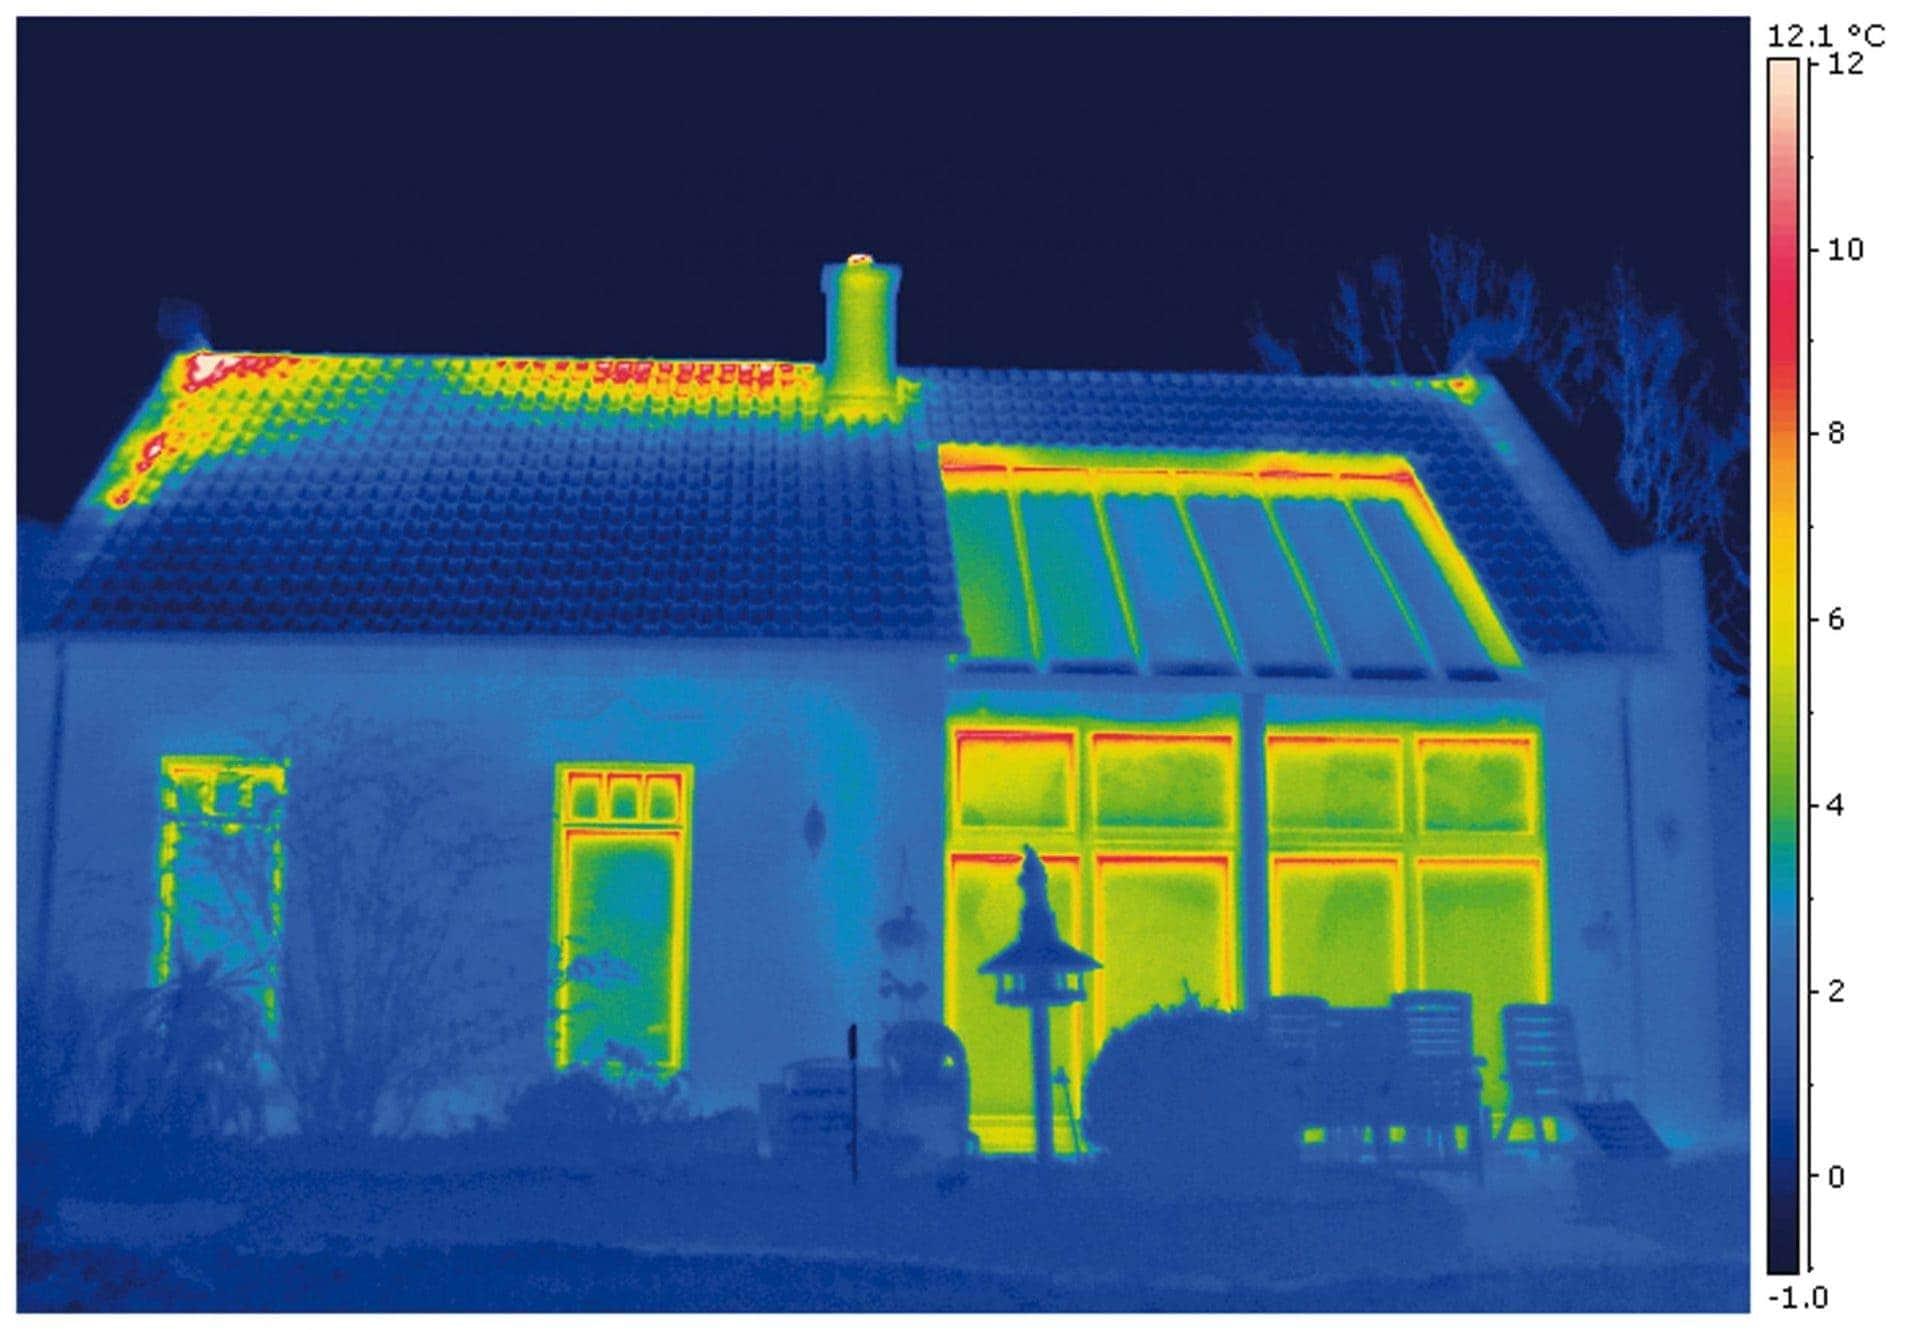 Wärmeverlusten auf die Spur kommen Anmeldungen zum Thermografie-Check der Rewag jetzt möglich